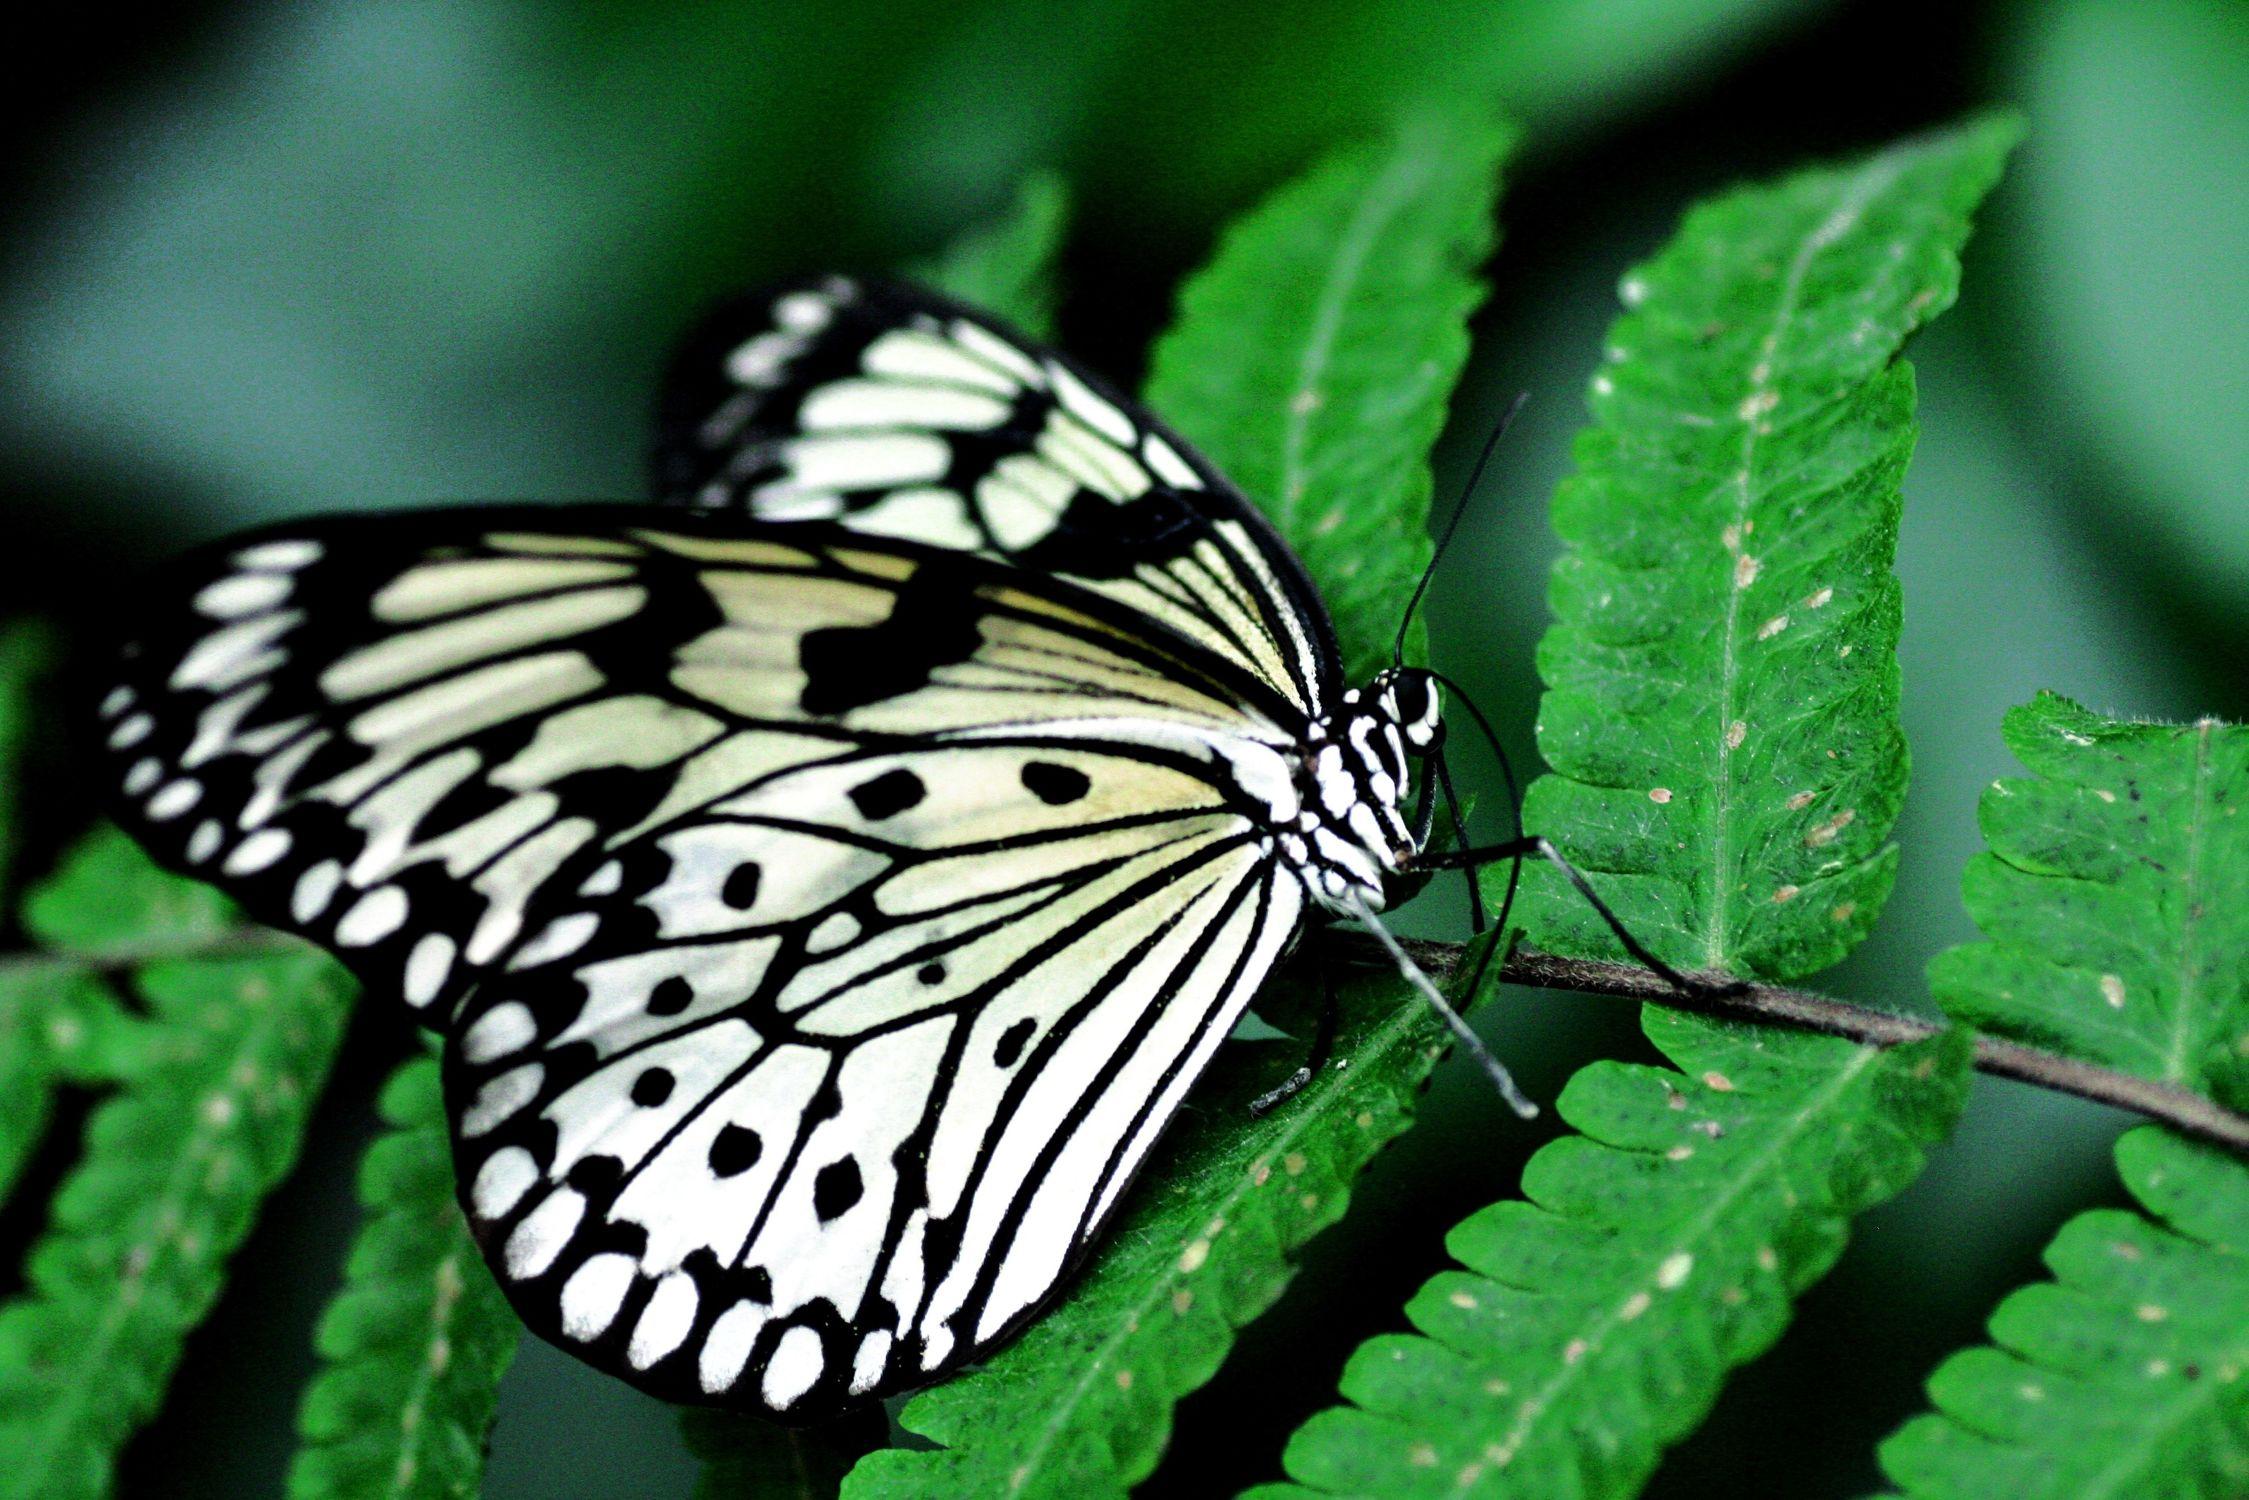 Bild mit Farben, Tiere, Natur, Grün, Pflanzen, Insekten, Schmetterlinge, Schmetterling